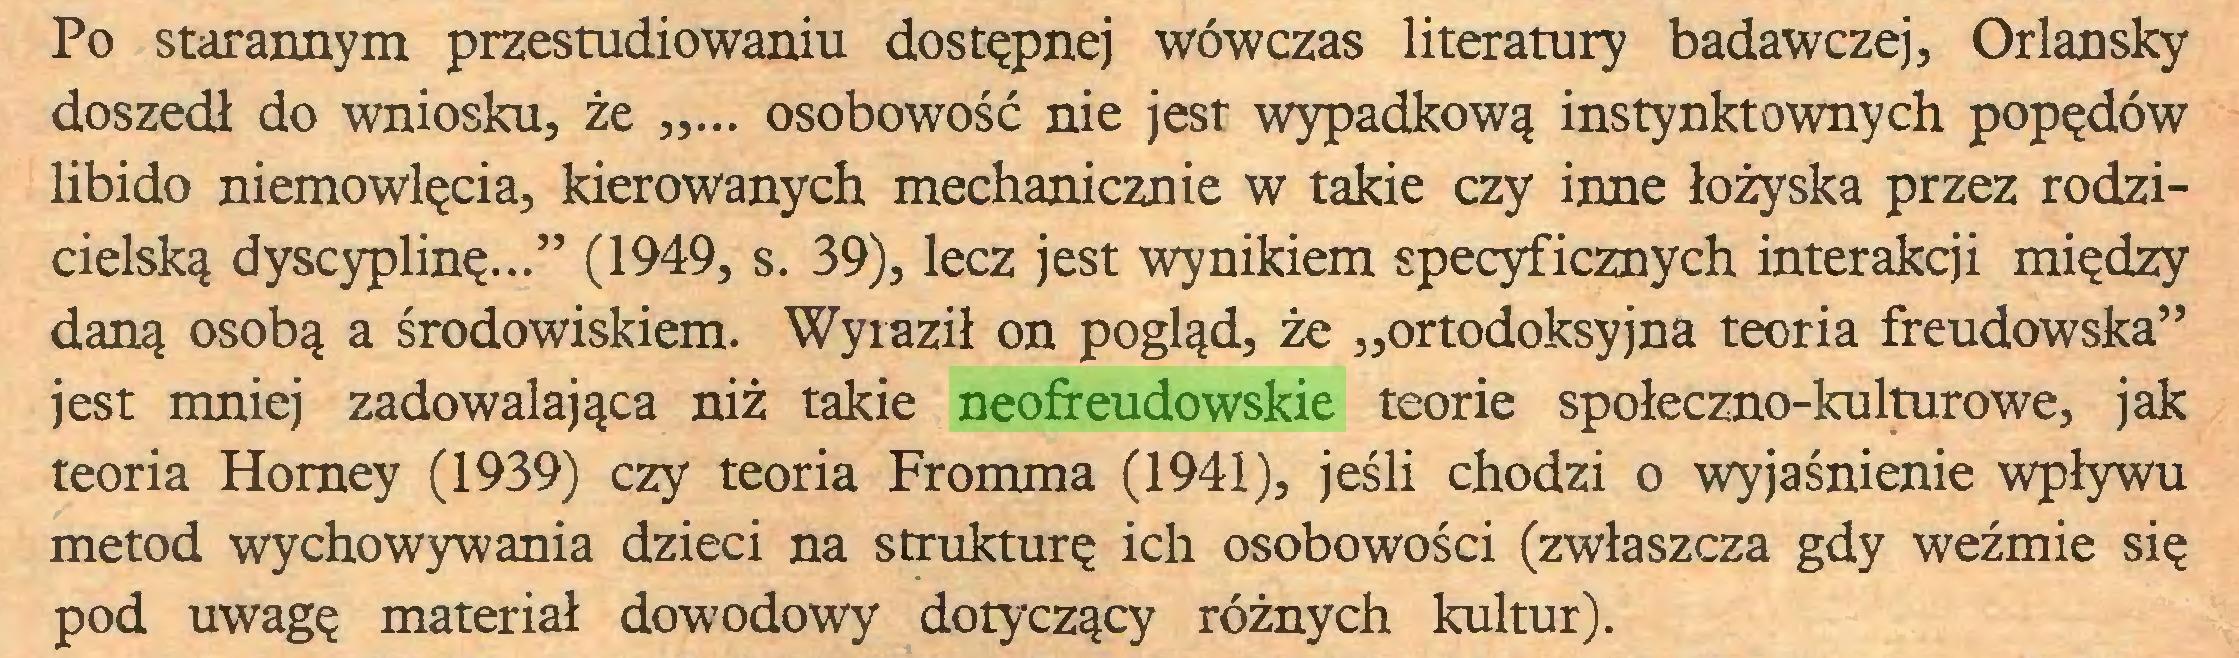 """(...) Po starannym przestudiowaniu dostępnej wówczas literatury badawczej, Orlansky doszedł do wniosku, że ,,... osobowość nie jest wypadkową instynktownych popędów libido niemowlęcia, kierowanych mechanicznie w takie czy inne łożyska przez rodzicielską dyscyplinę..."""" (1949, s. 39), lecz jest wynikiem specyficznych interakcji między daną osobą a środowiskiem. Wyraził on pogląd, że """"ortodoksyjna teoria freudowska"""" jest mniej zadowalająca niż takie neofreudowskie teorie społeczno-kulturowe, jak teoria Horney (1939) czy teoria Fromma (1941), jeśli chodzi o wyjaśnienie wpływu metod wychowywania dzieci na strukturę ich osobowości (zwłaszcza gdy weźmie się pod uwagę materiał dowodowy dotyczący różnych kultur)..."""